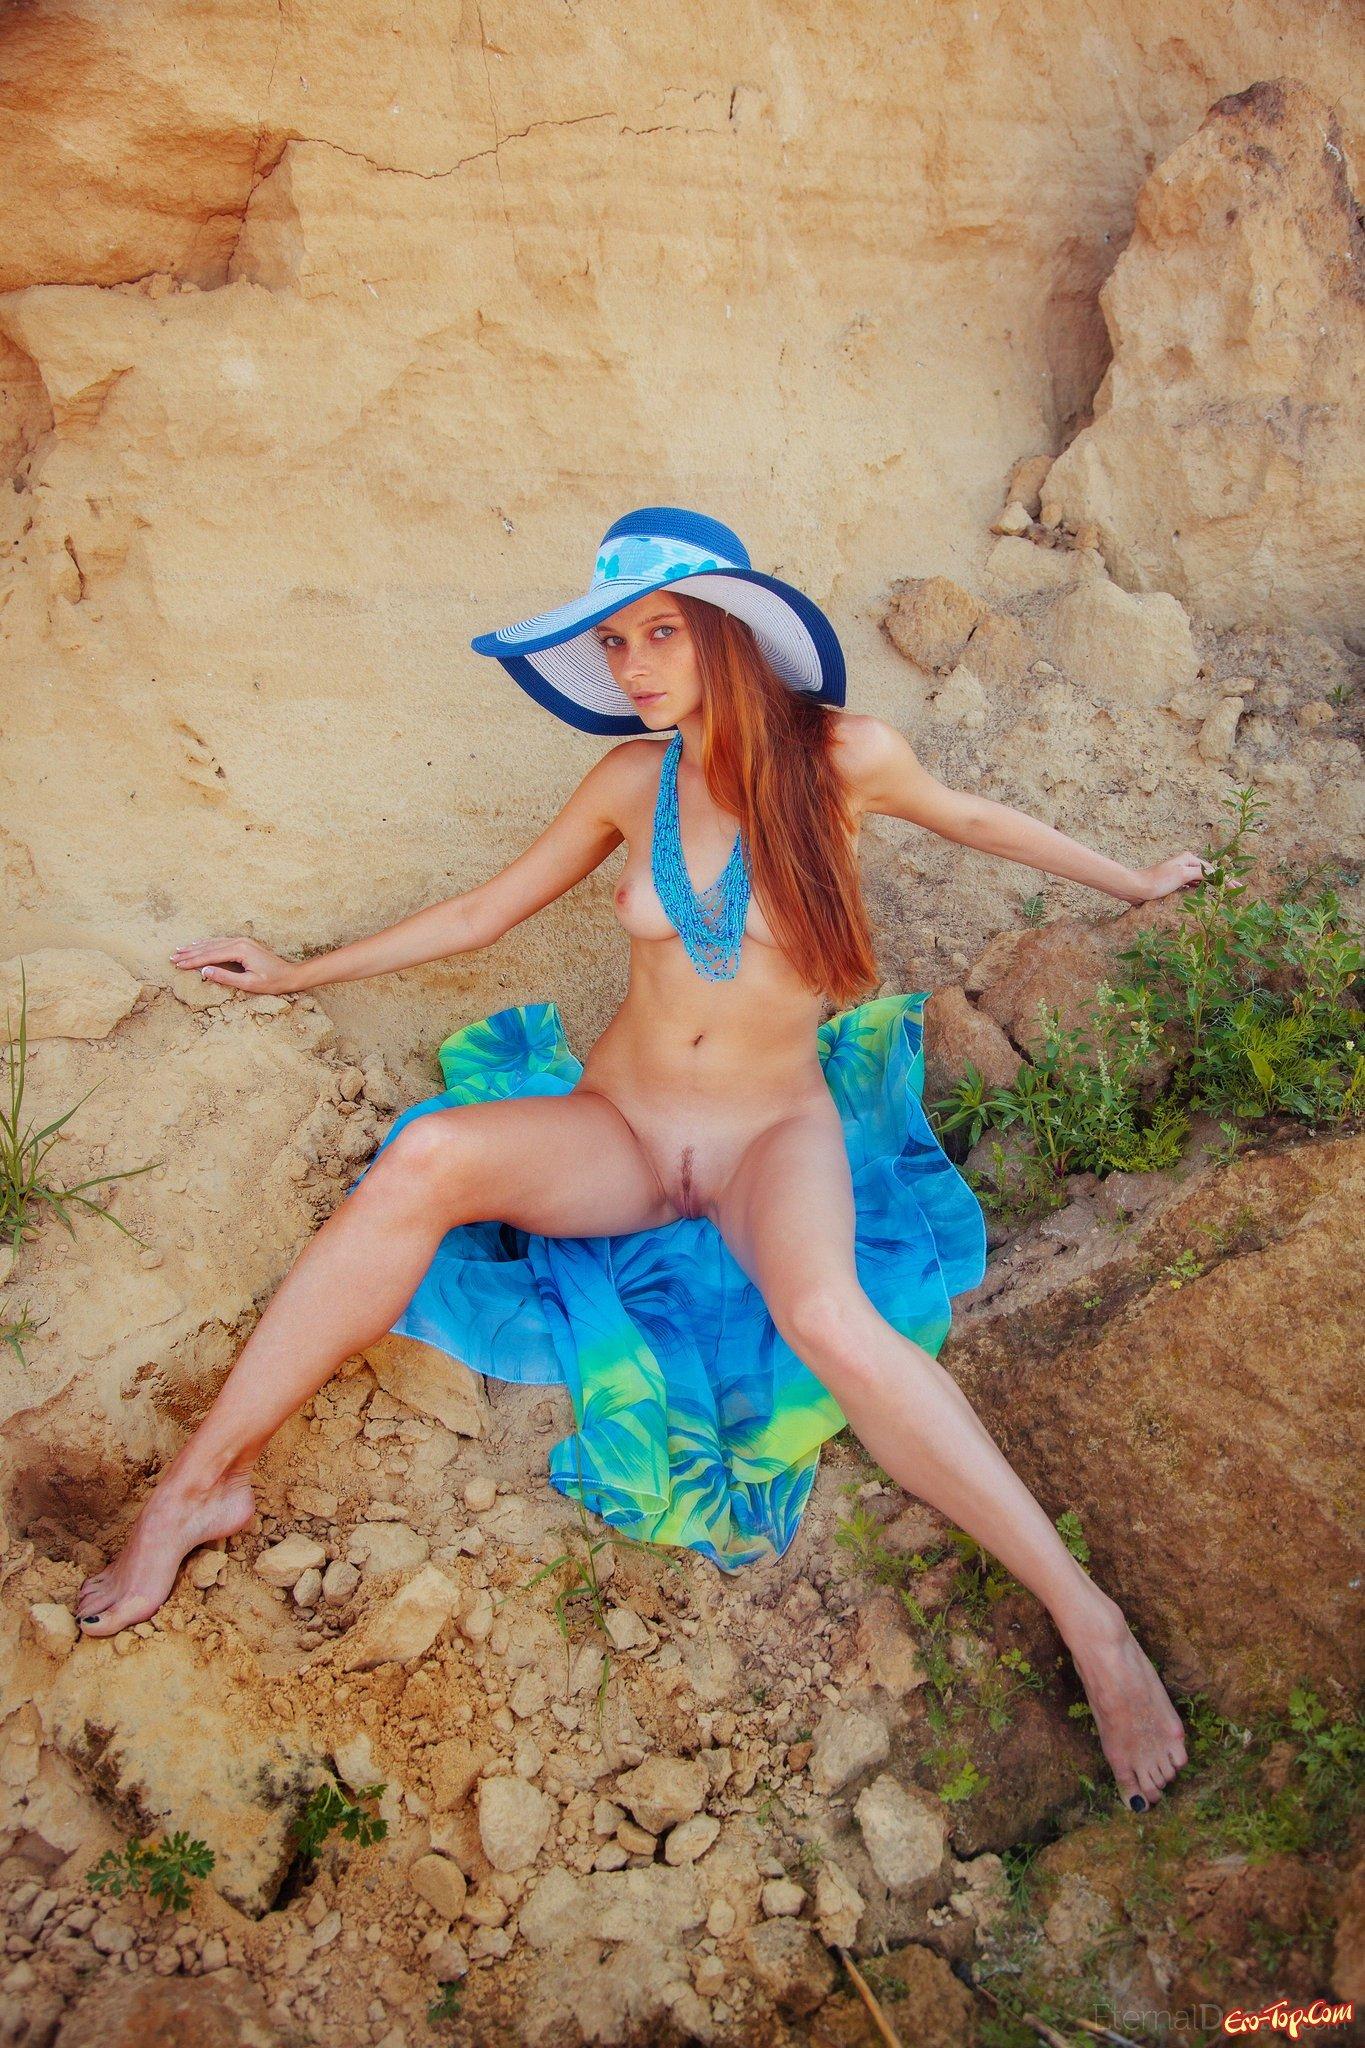 Позирует на пляже прикрываясь платком